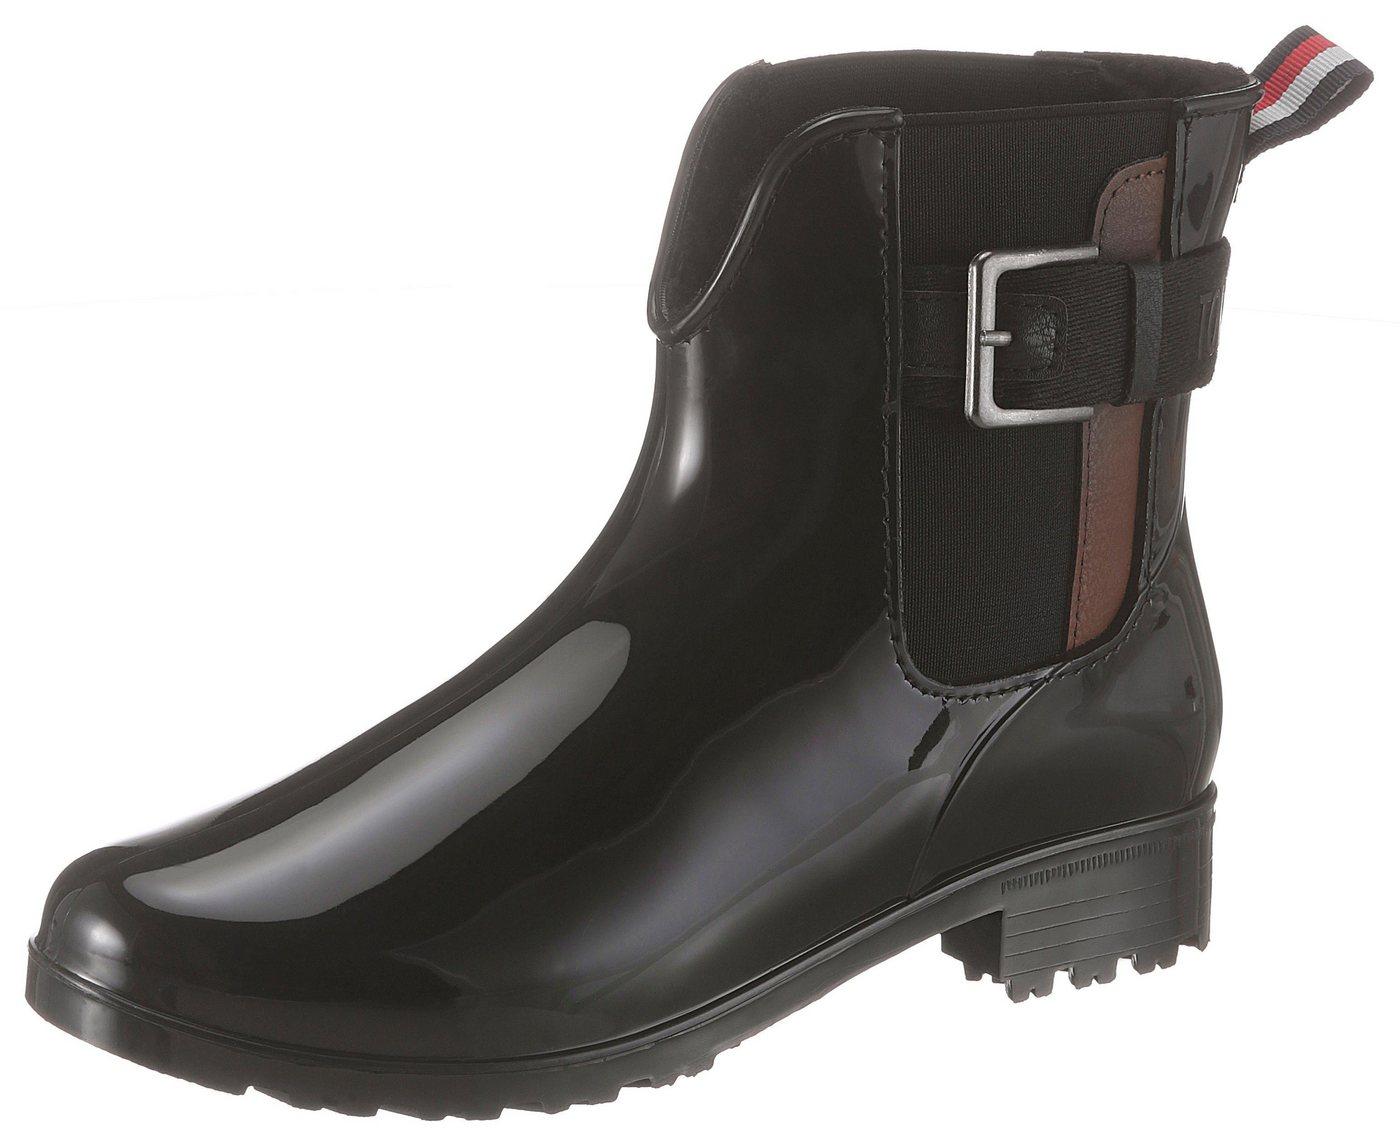 TOM TAILOR Chelseaboots mit Zierschnalle | Schuhe > Boots > Chelsea-Boots | Schwarz | Gummi | TOM TAILOR